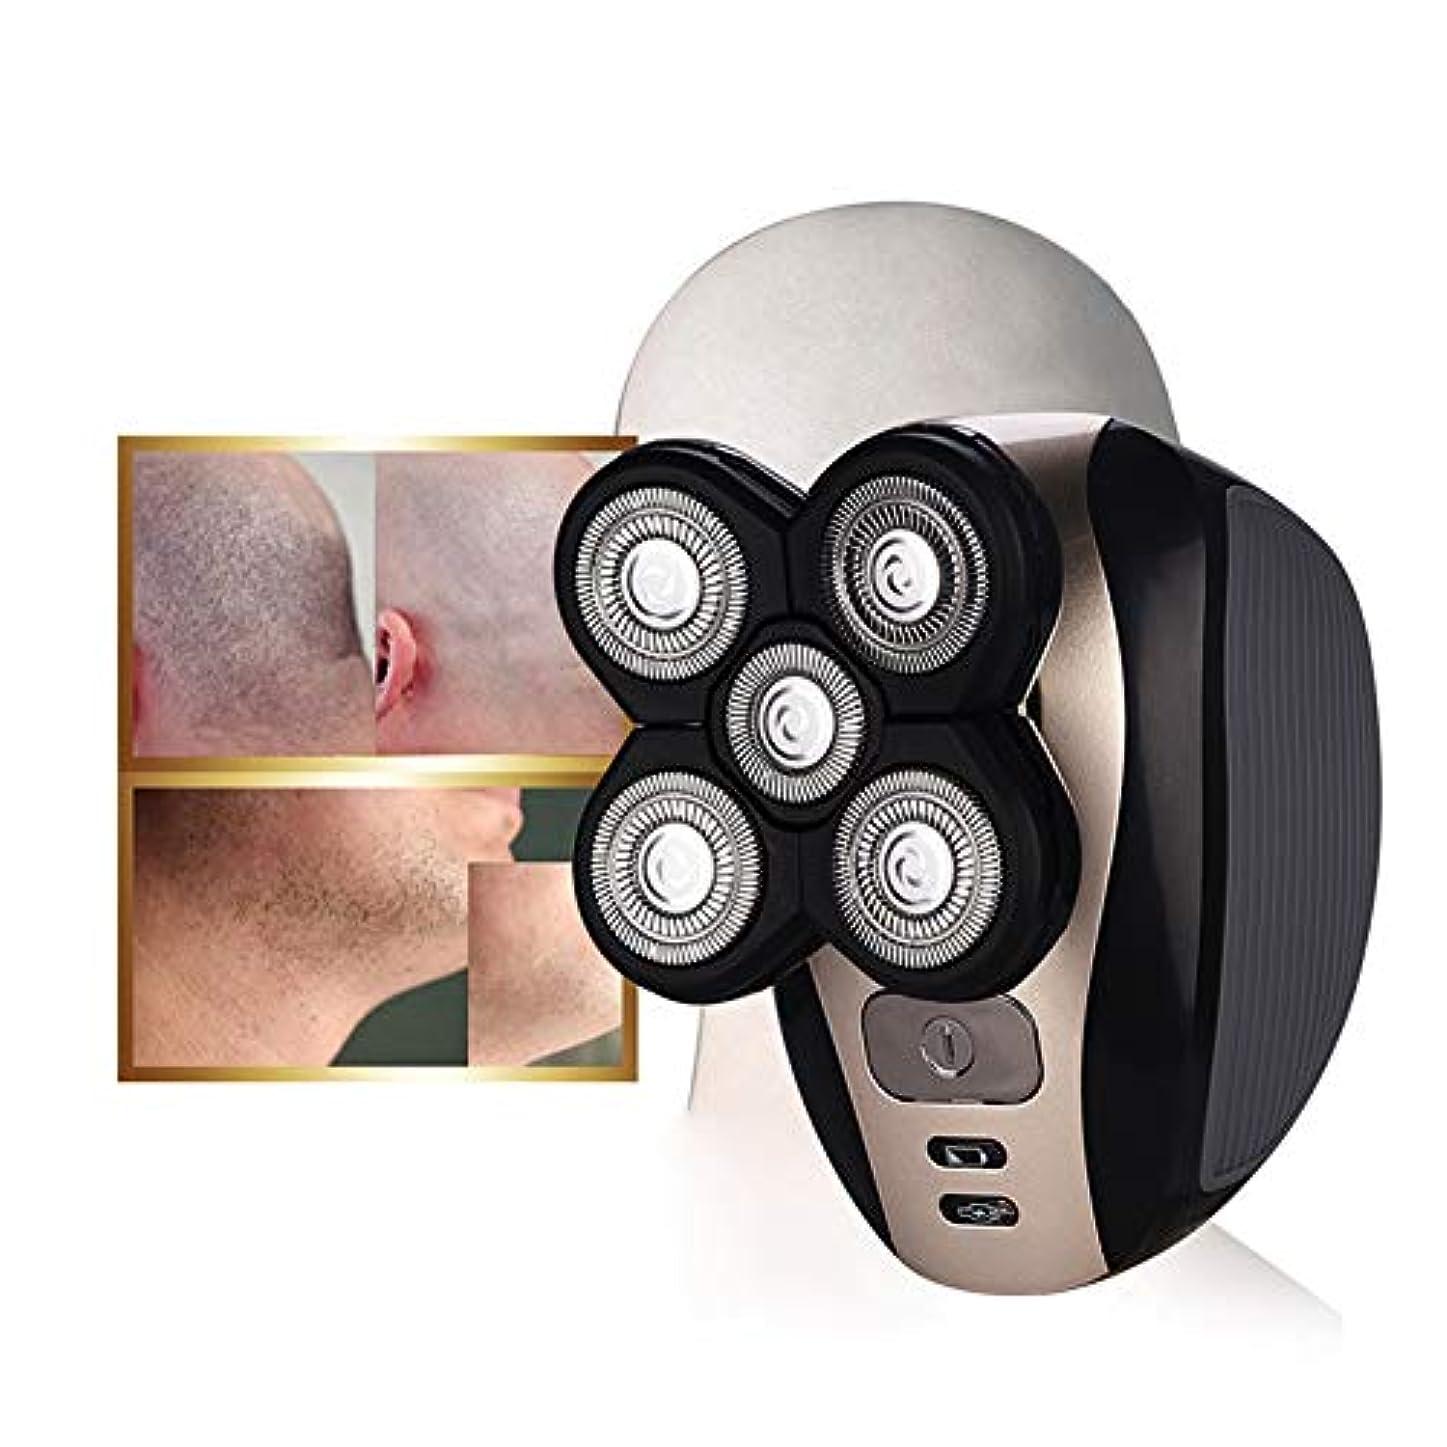 スーパー鋸歯状行男性用電動シェーバー充電式ロータリーシェーバーノーズヘアトリム洗顔